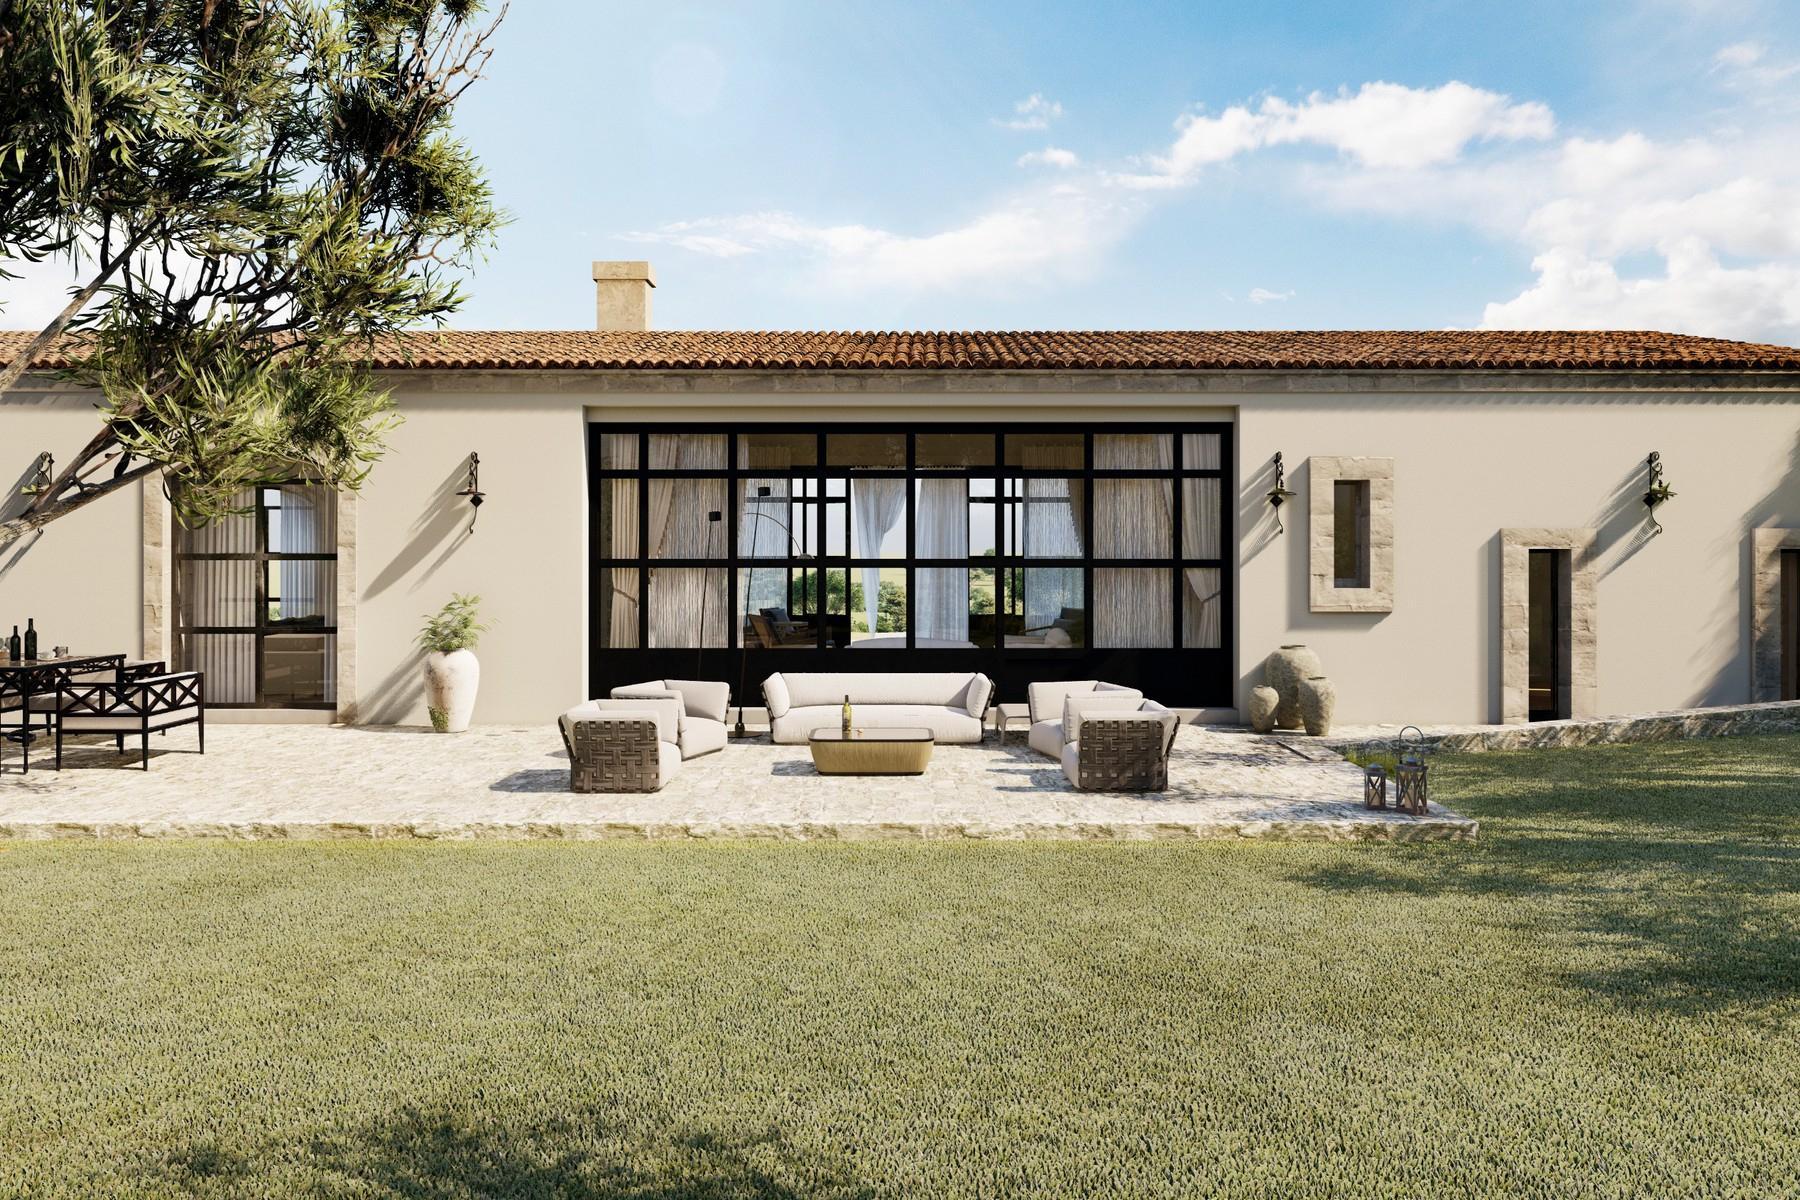 Val di Noto 的带游泳池及豪华设计的农舍 - 4